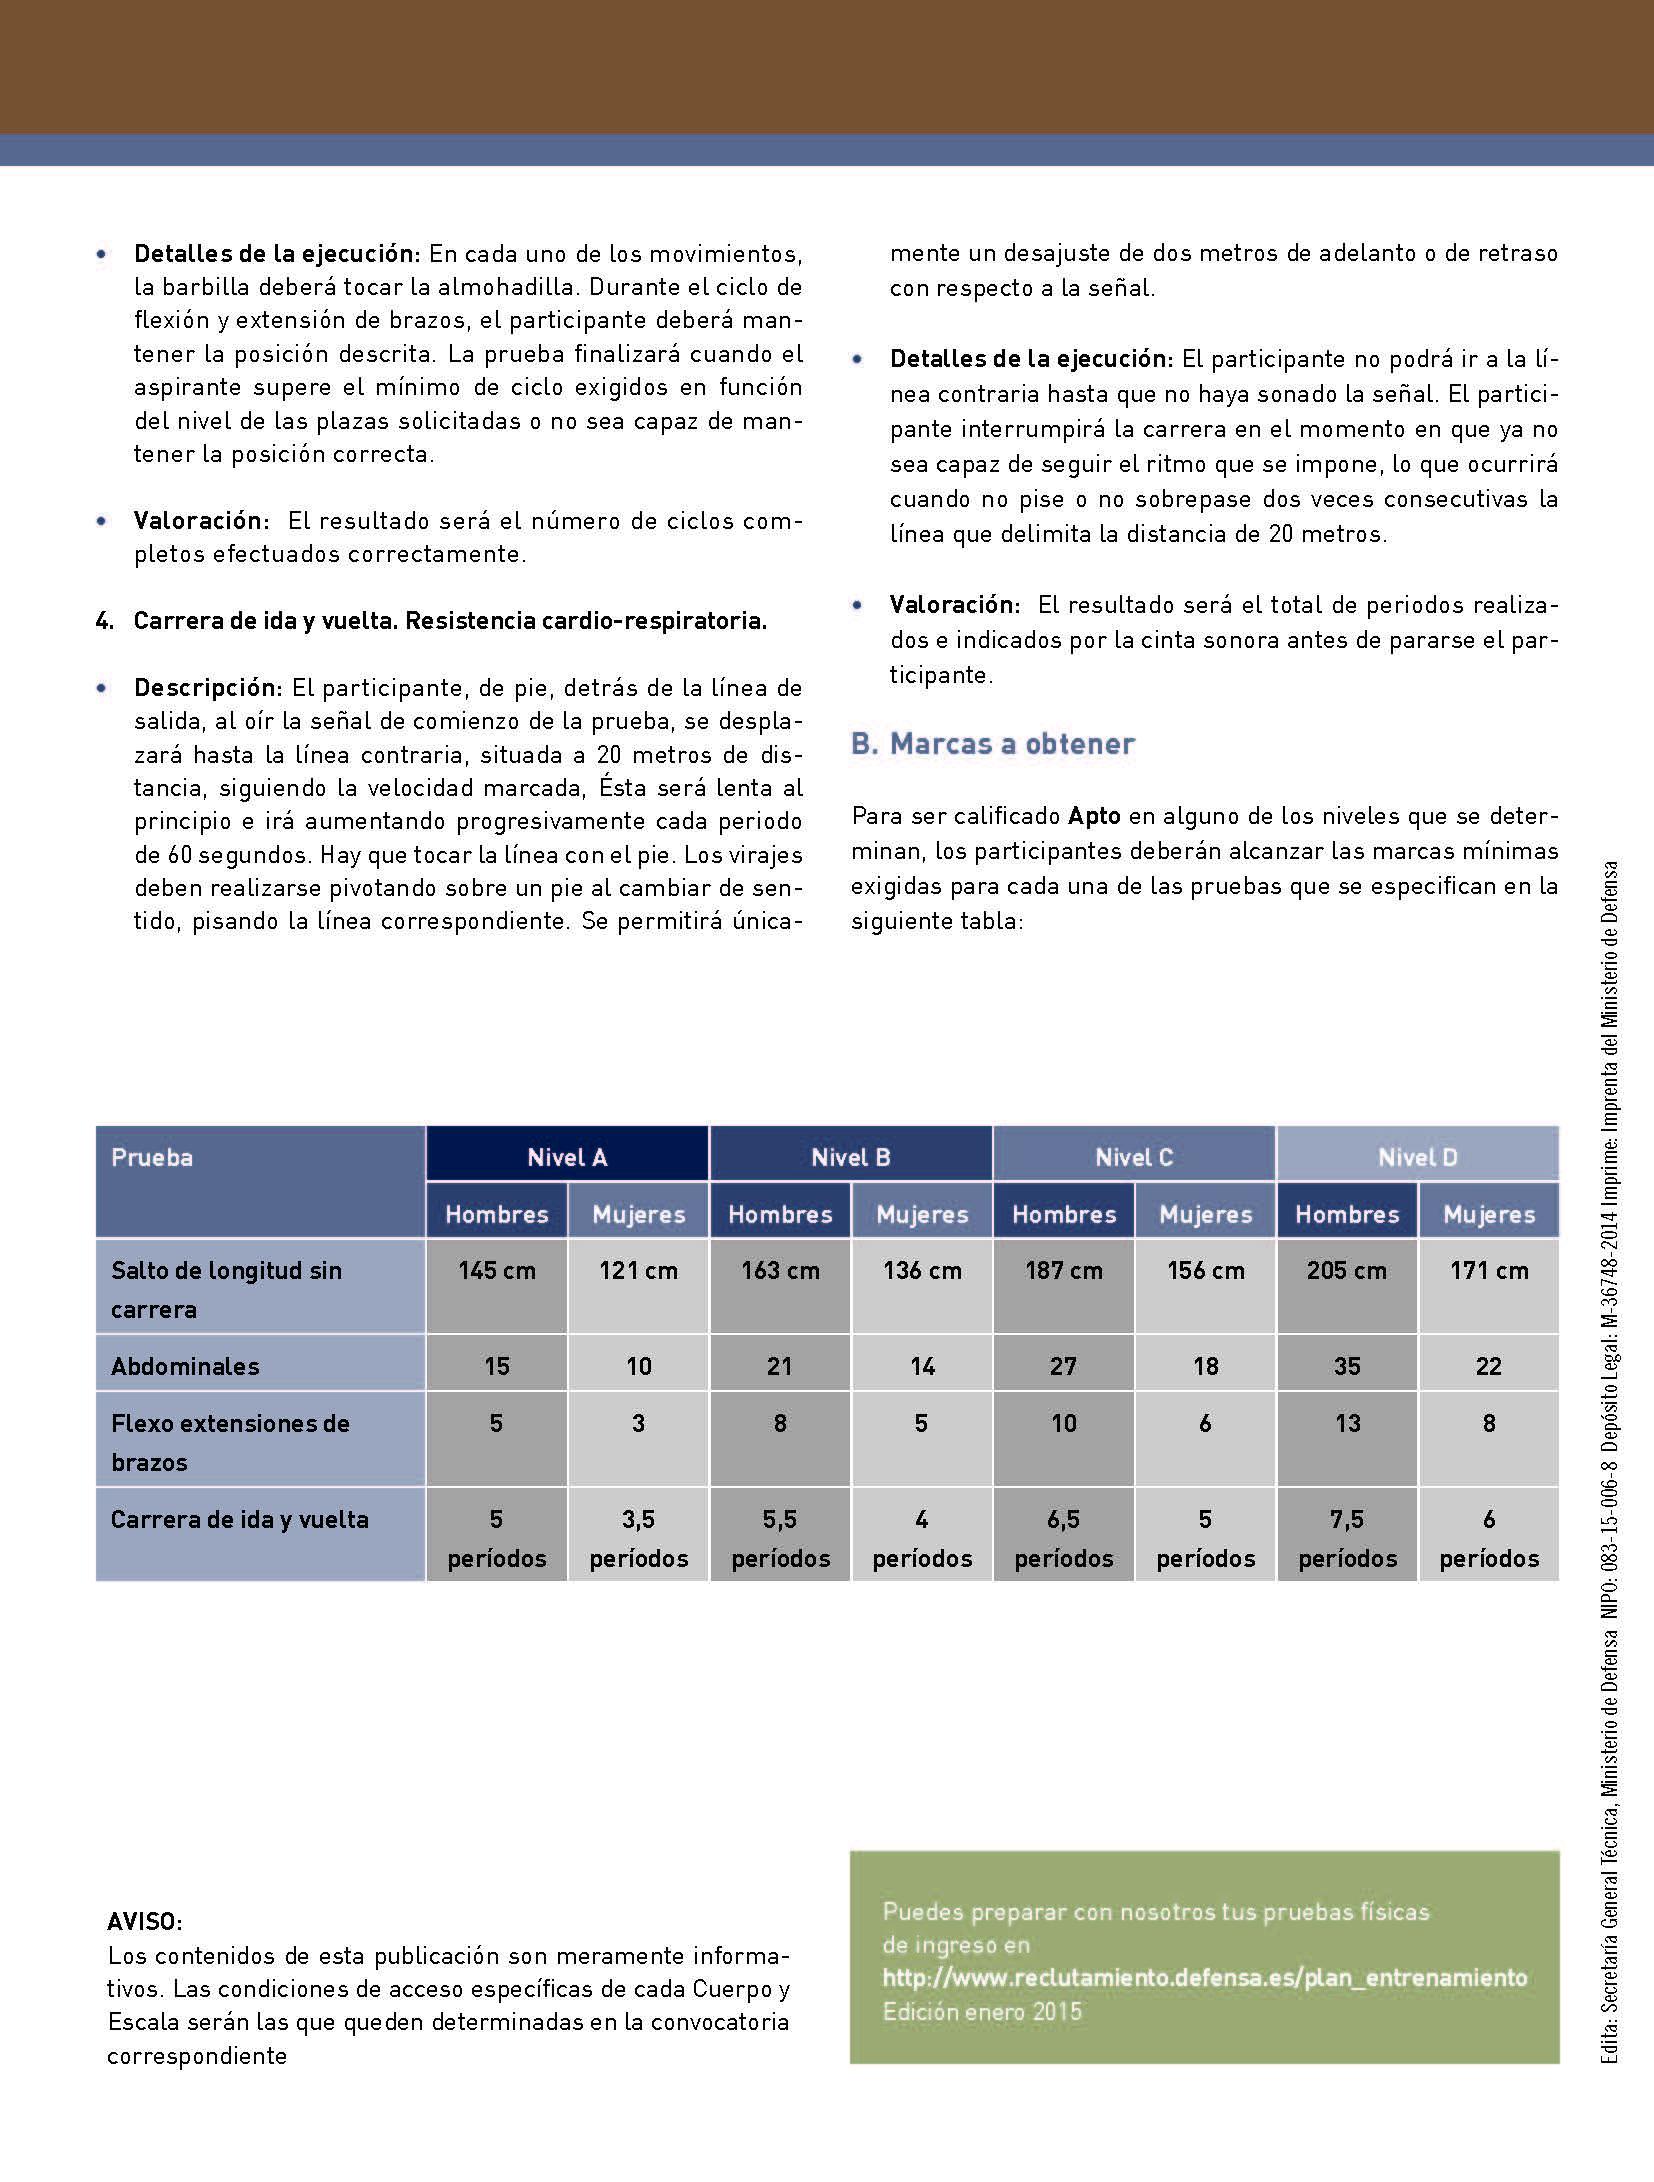 TROPA Y MARINERÍA | sermilitar.com - Acceso a Escalas de Oficiales ...